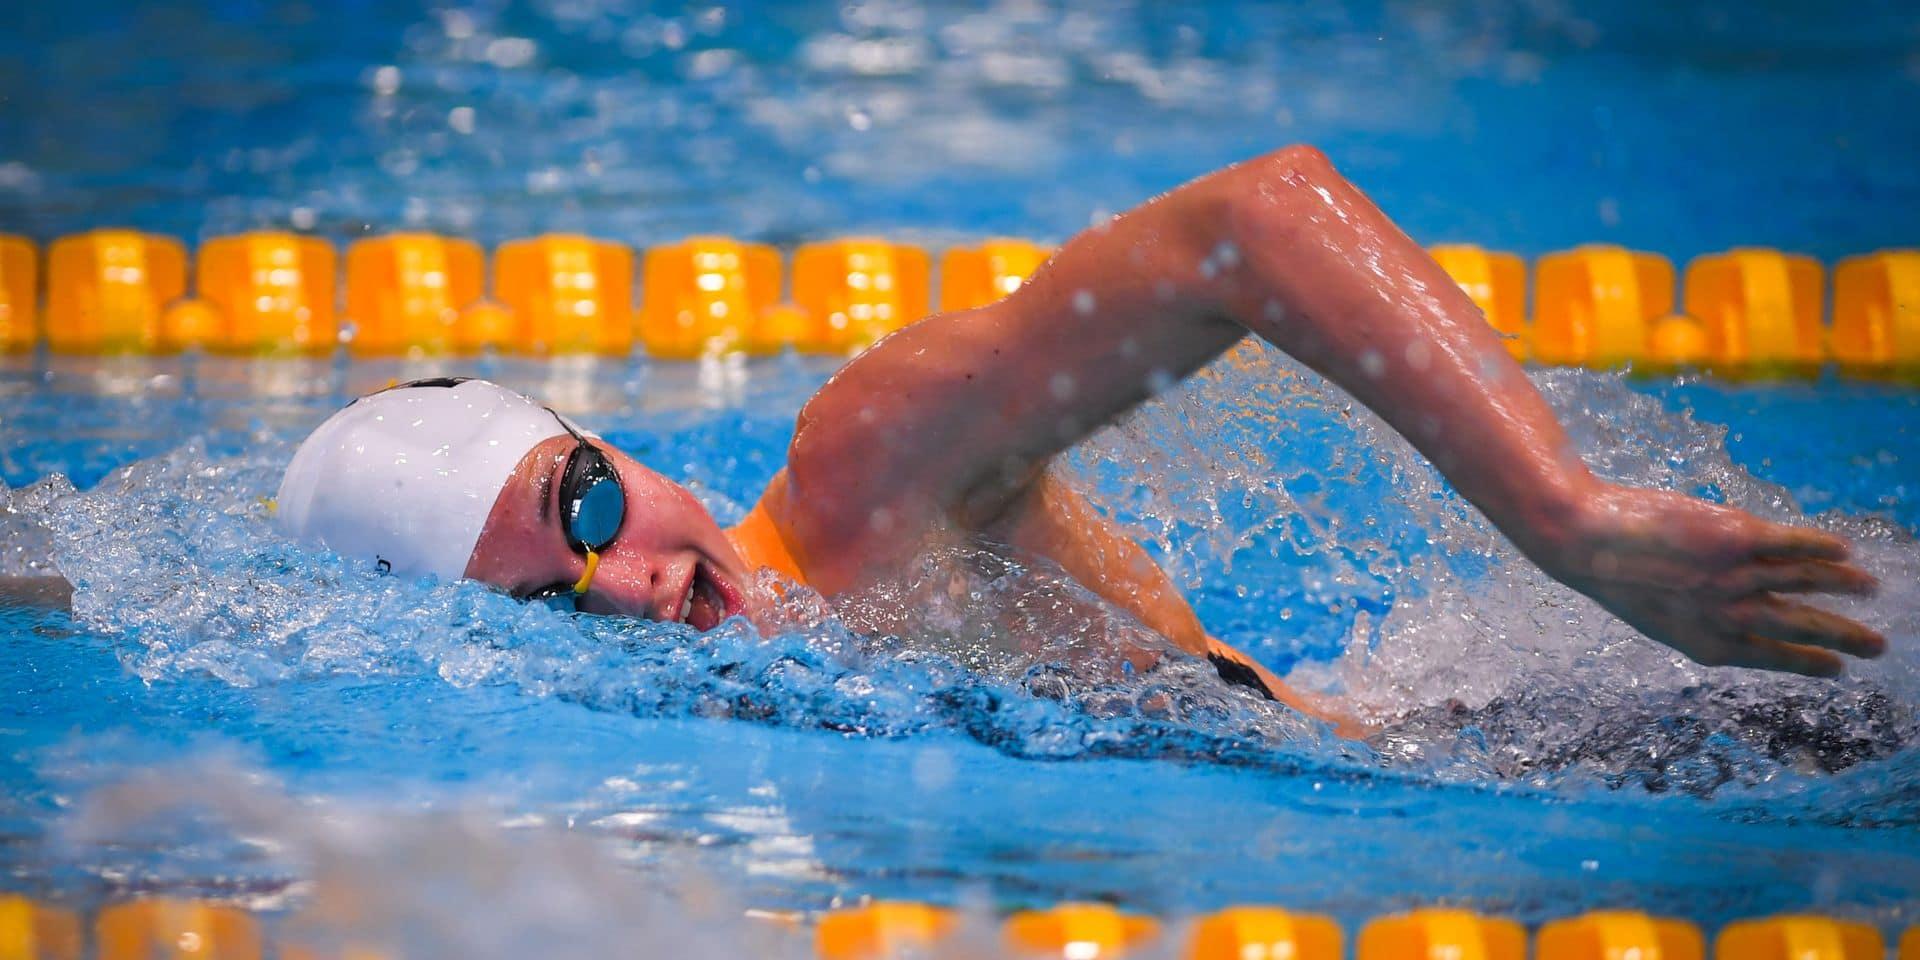 Mondiaux de natation: Fanny Lecluyse en demies du 200 m brasse, Valentine Dumont éliminée sur 100m nage libre malgré un nouveau record de Belgique